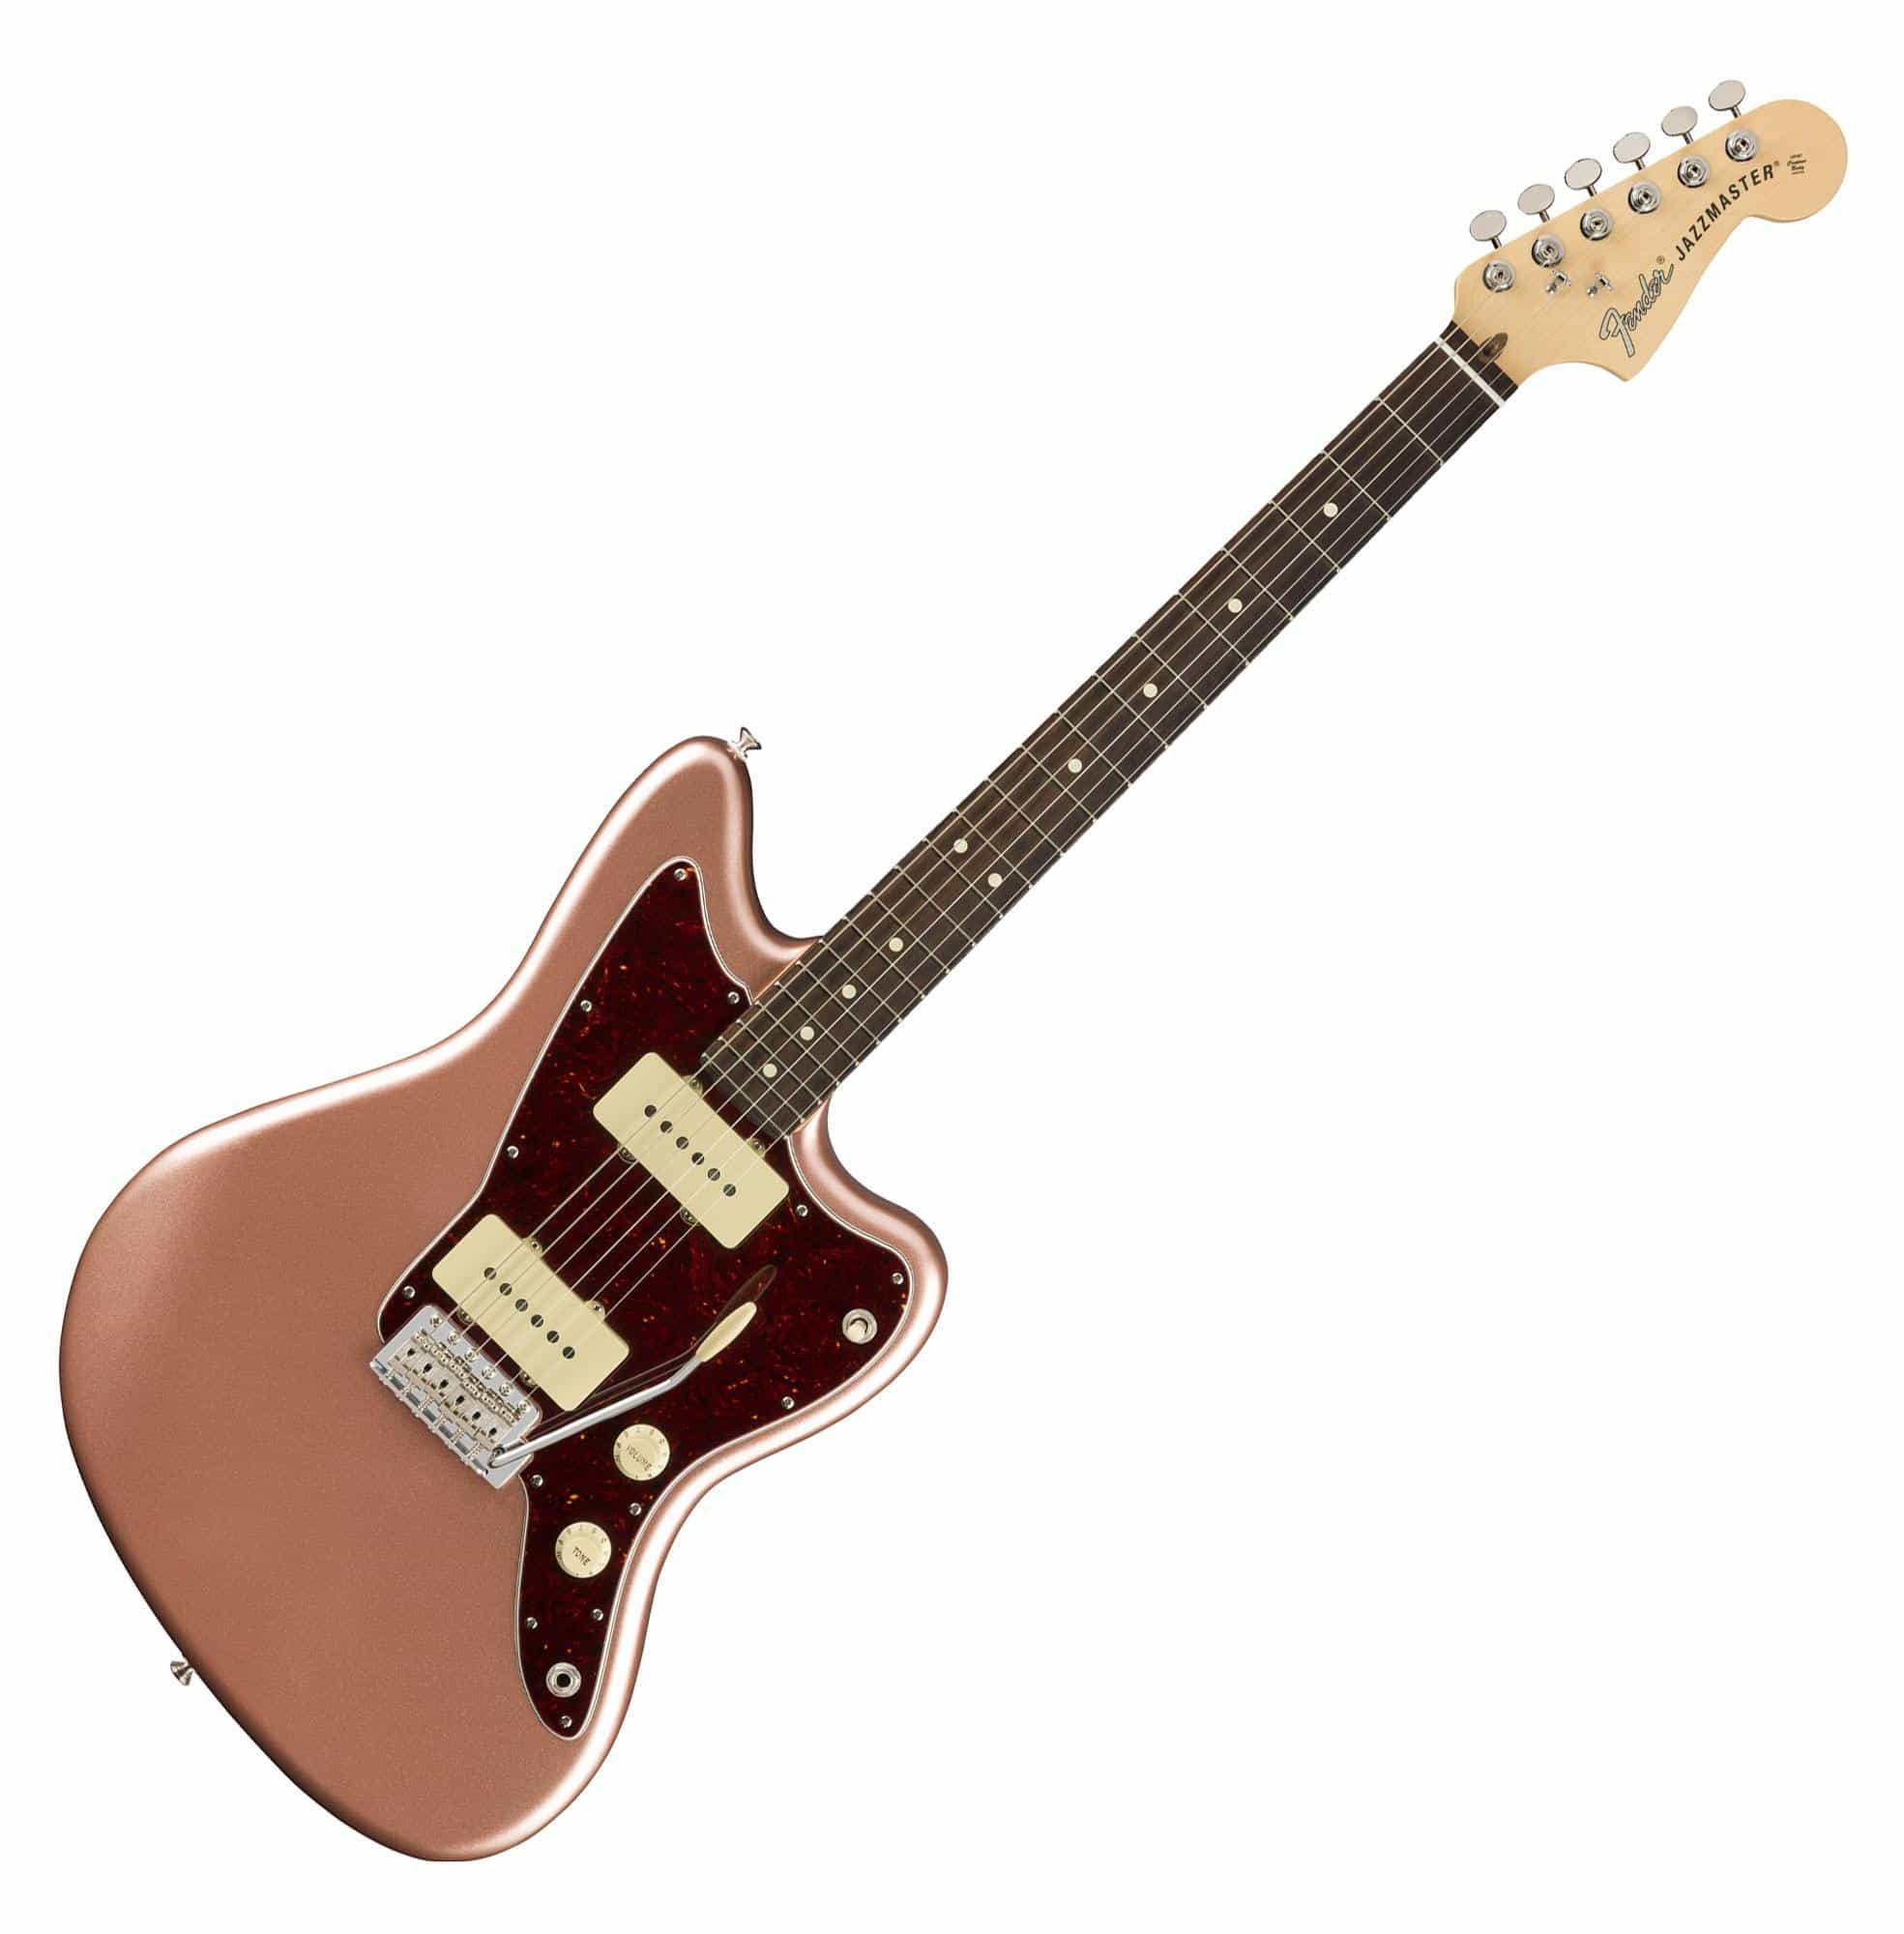 Egitarren - Fender American Performer Jazzmaster RW PNY - Onlineshop Musikhaus Kirstein